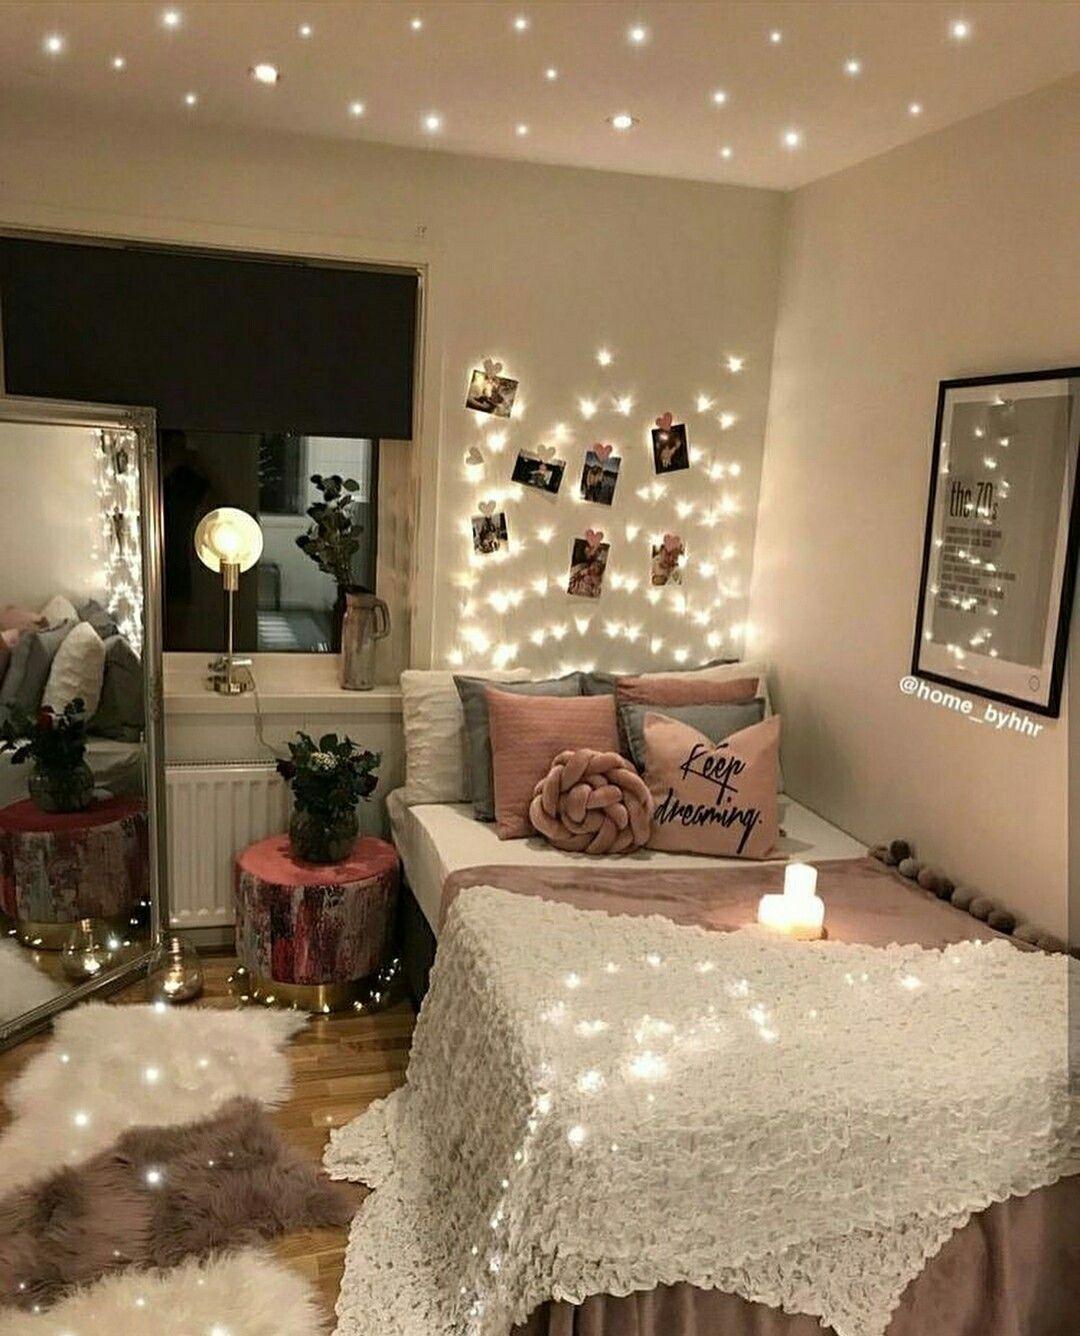 Pin By Iaʑყ ʝɛiiყʄiʂɧ On Rooms Cozy Bedroom Lighting